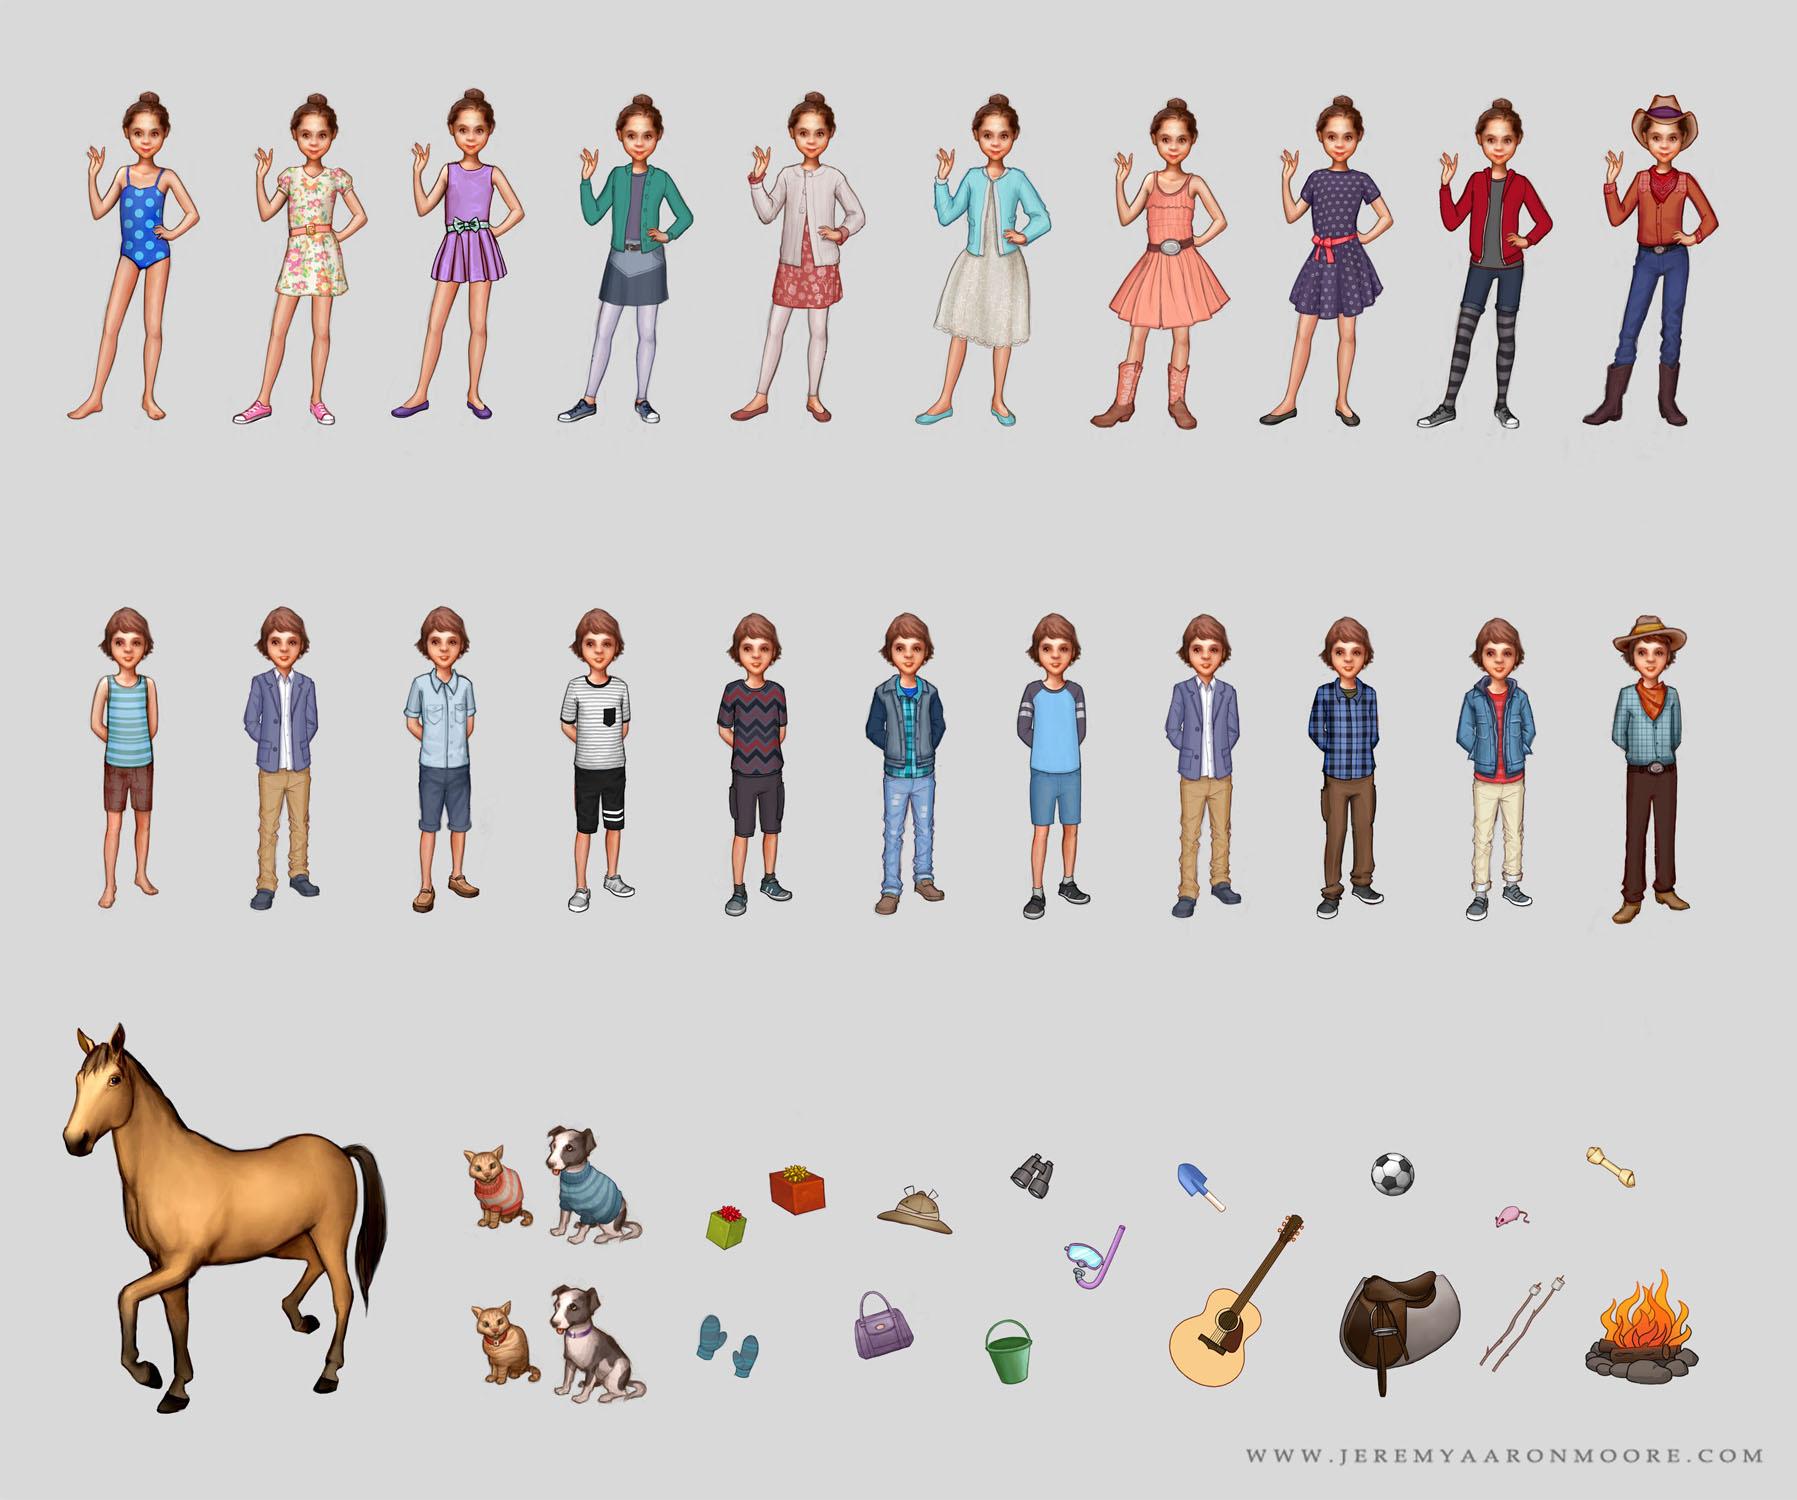 jeremyaaronmoore-CharacterSheet.jpg